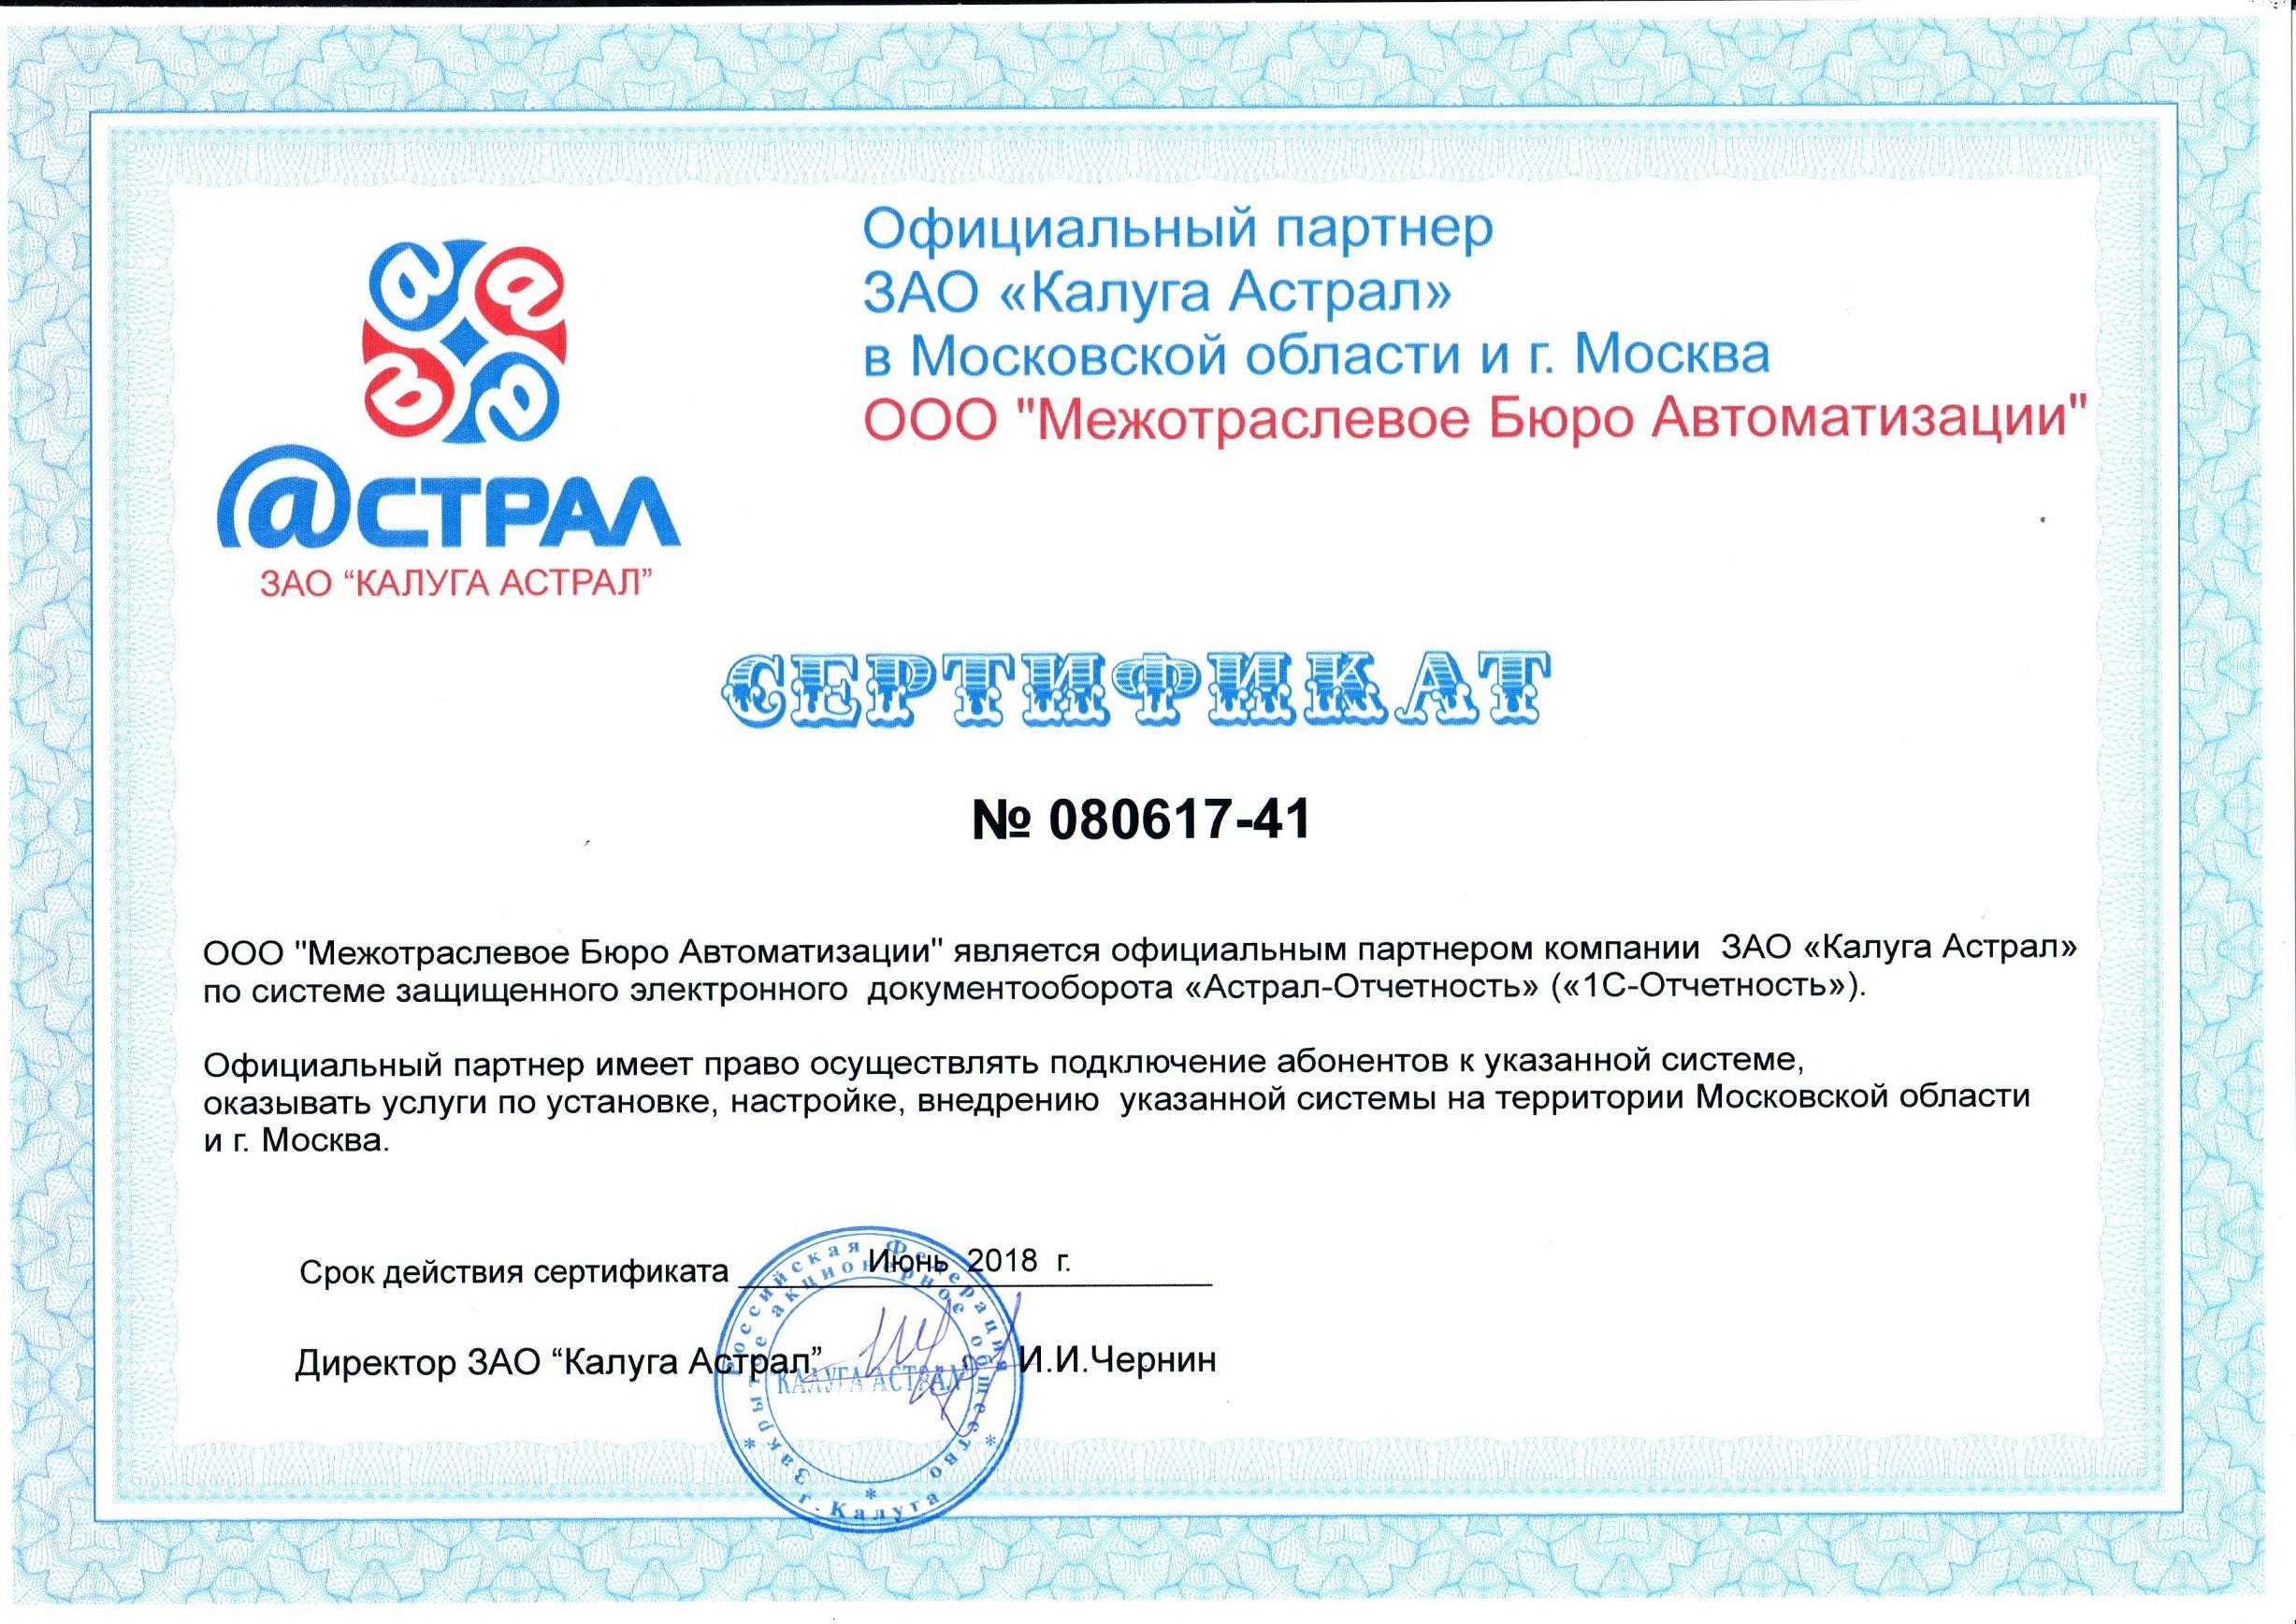 Сертификат партнерства с Калуга-Астрал